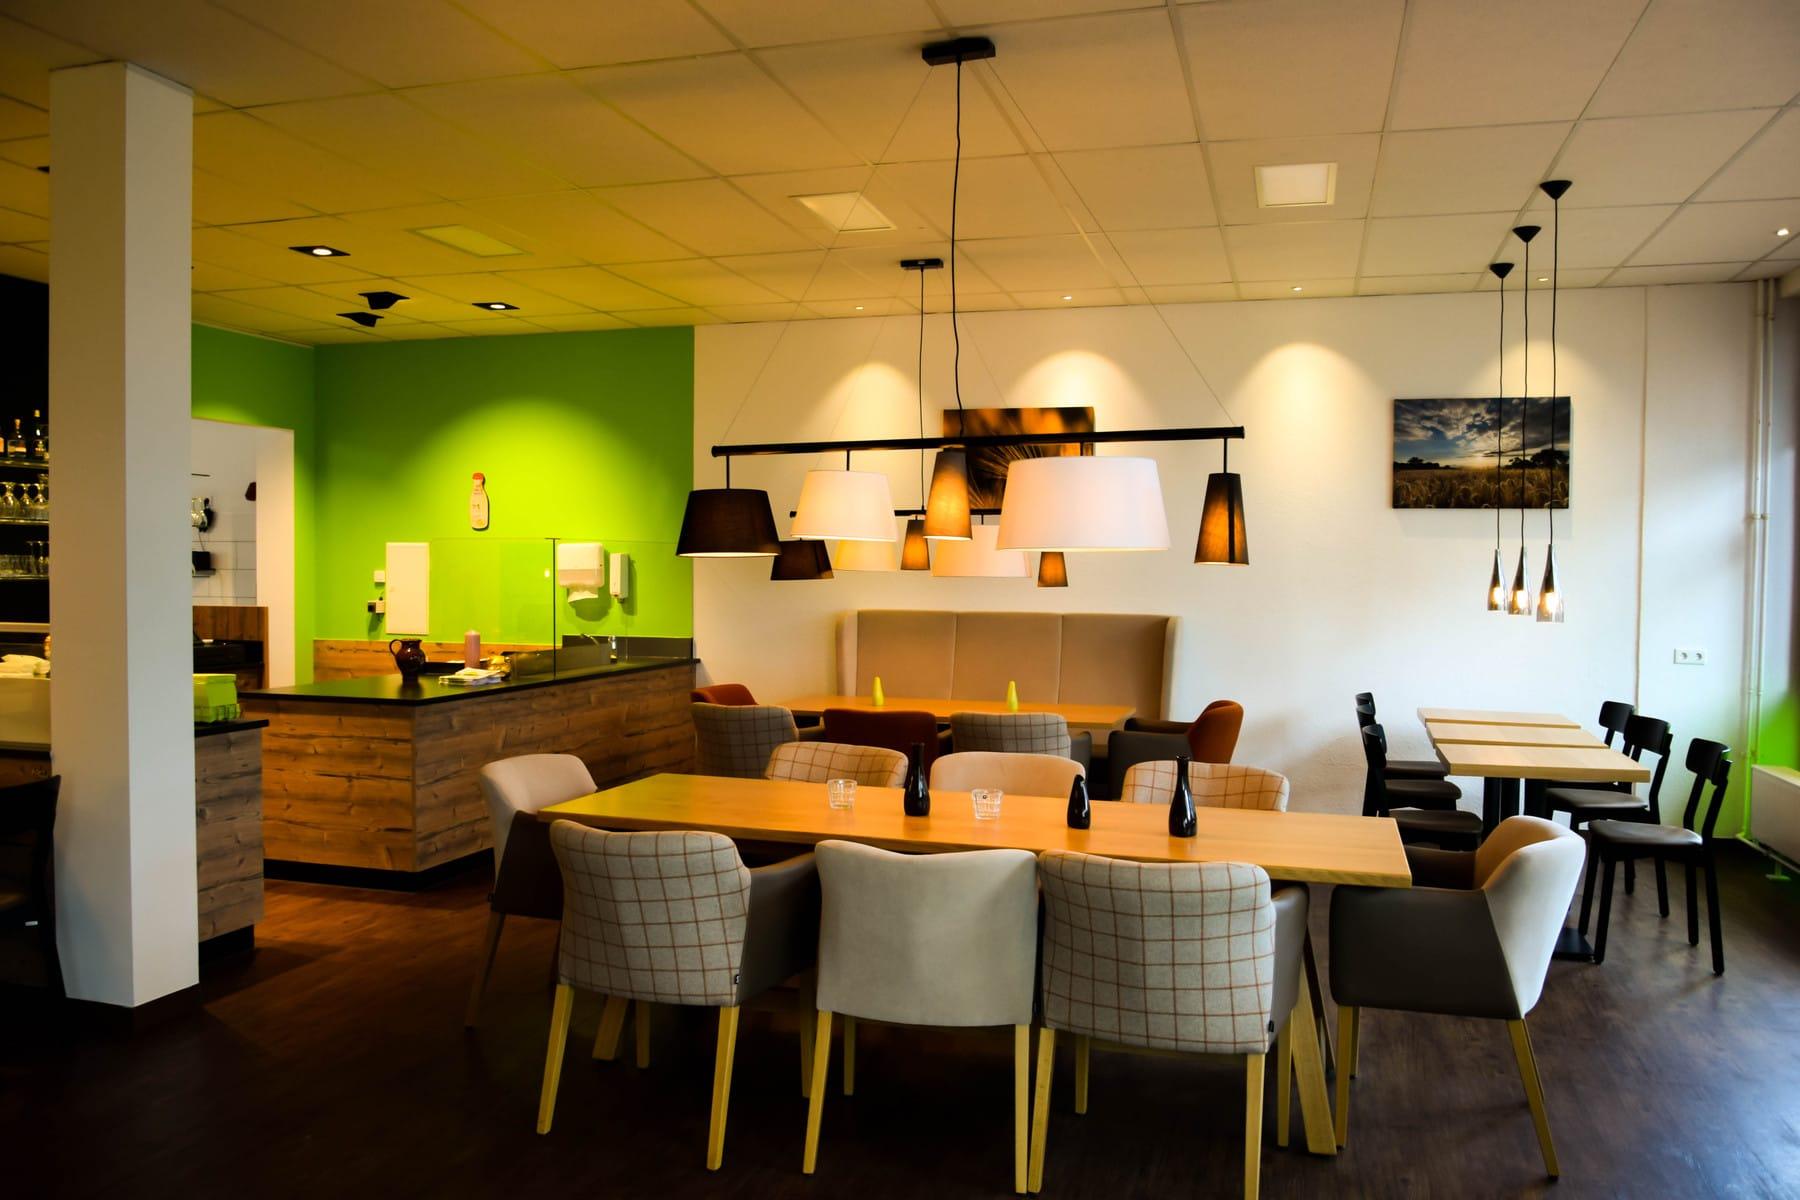 Yezis chinesisches Restaurant in Kassel authentisch chinesisch essen